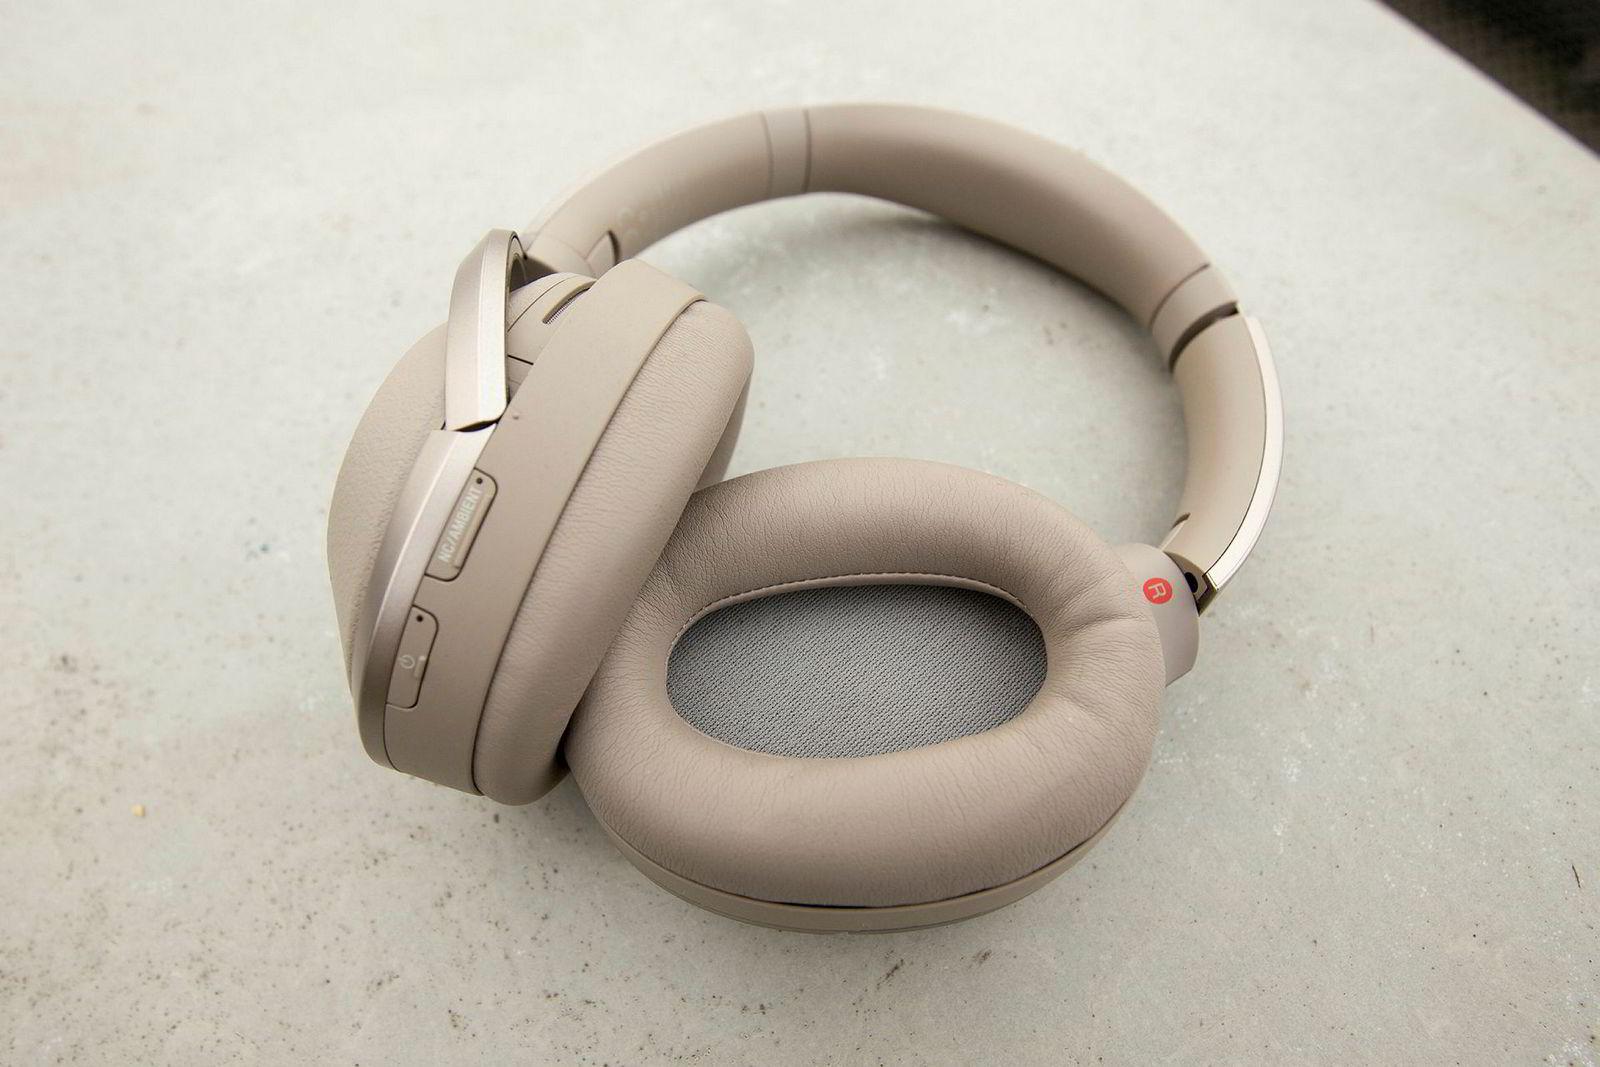 Sony WH-1000XM2 er blant de beste og mest populære trådløse hodetelefonene med støydemping før jul.